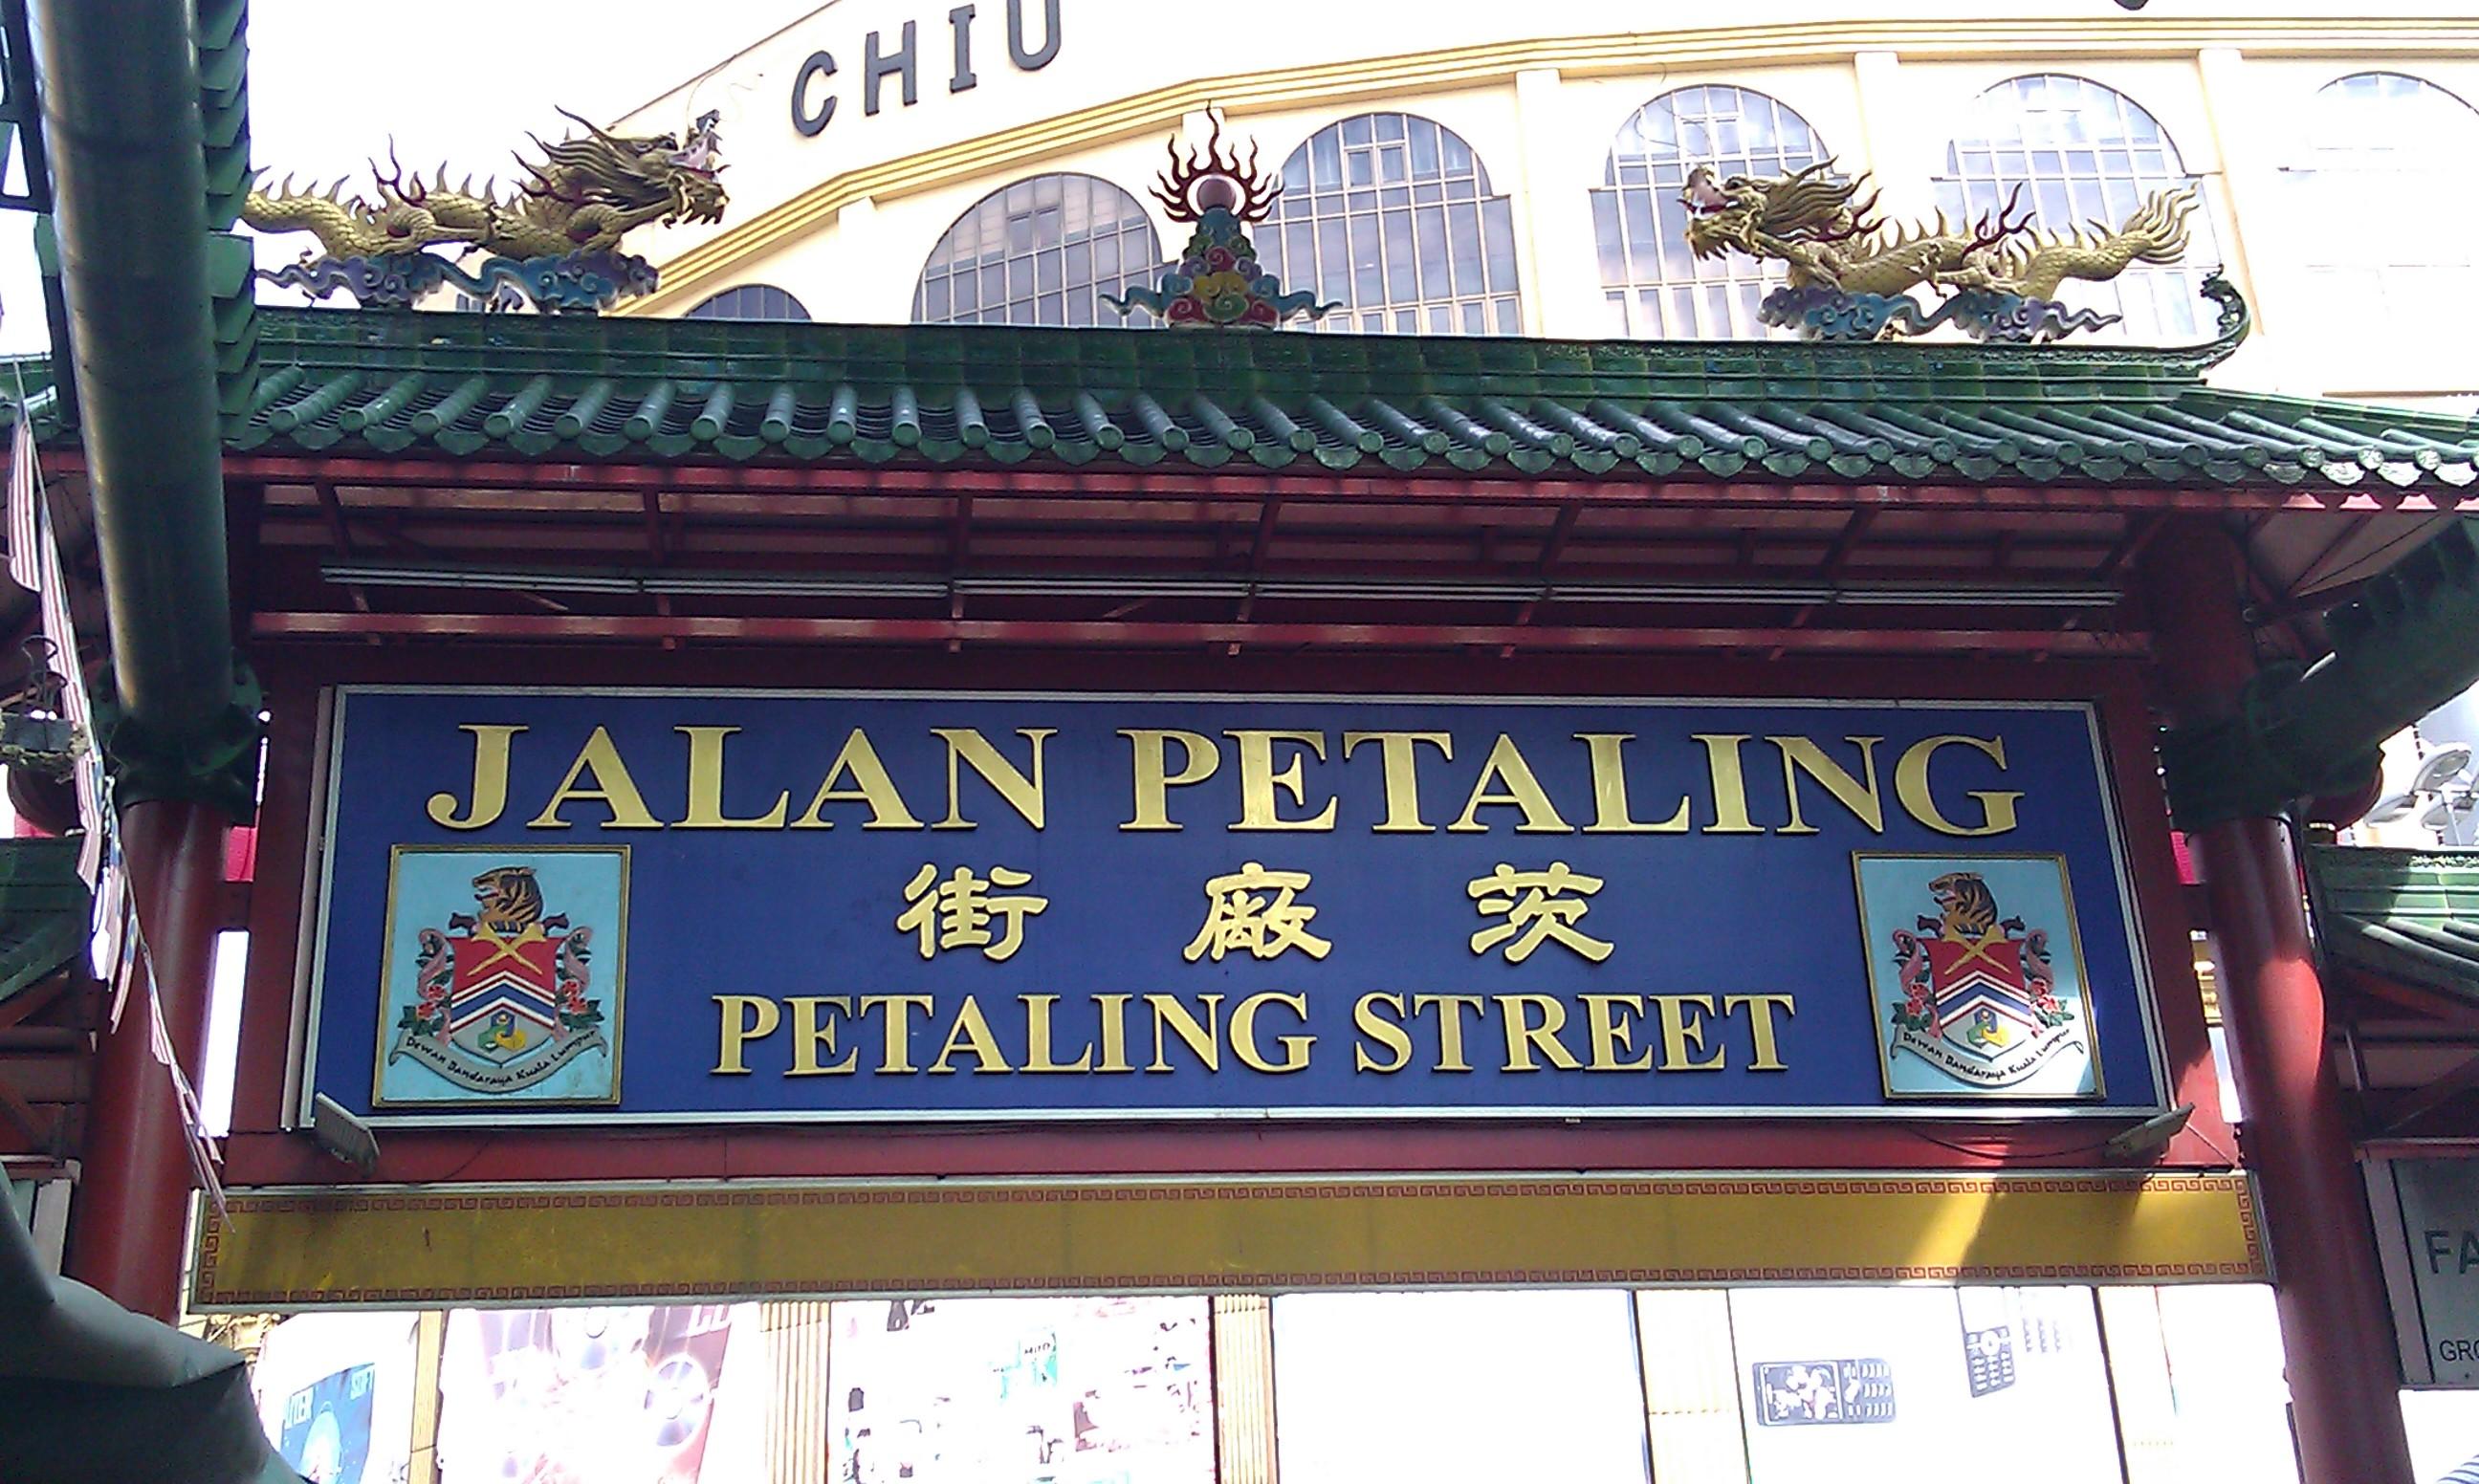 The famous Jalan Petaling